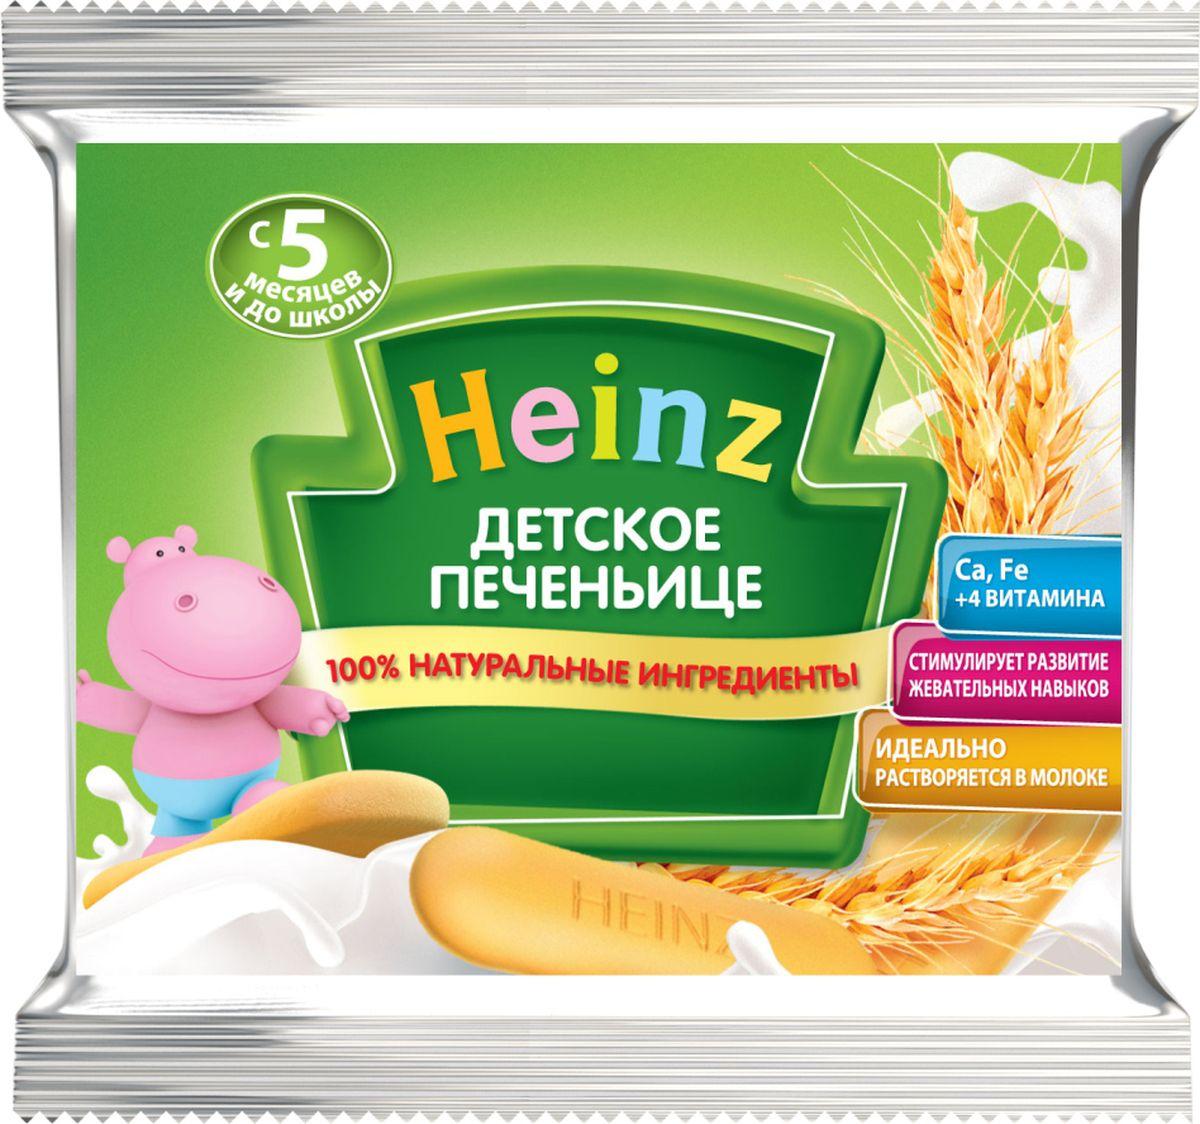 Heinz печеньице детское, с 5 месяцев, 60 г игрушки для детей в 5 месяцев